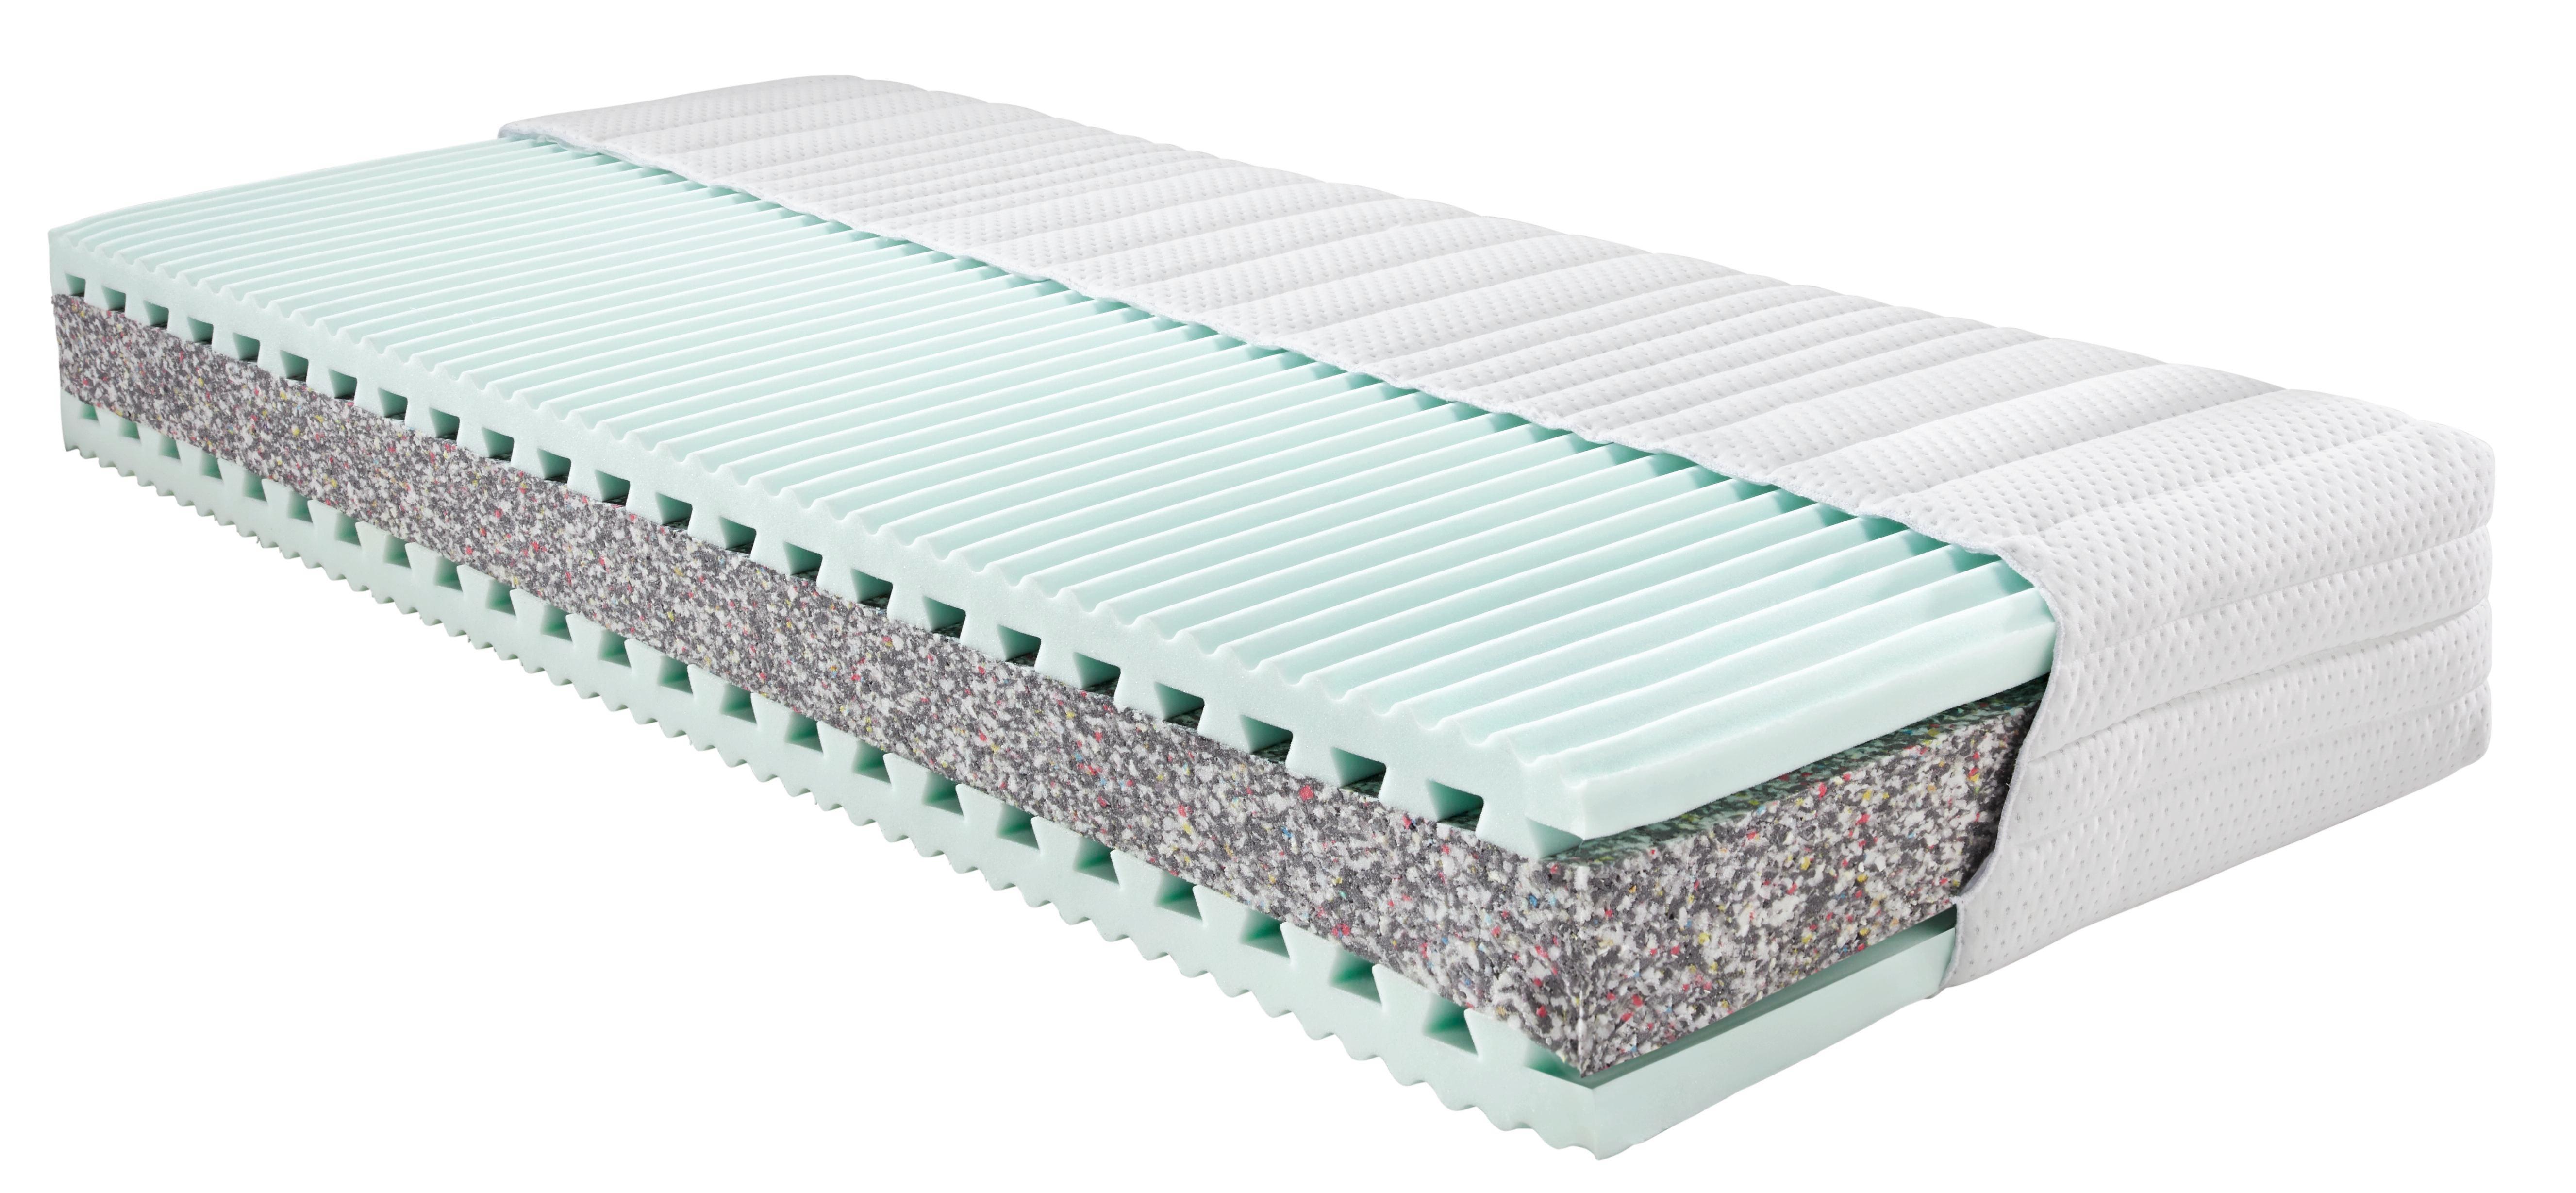 Komfortschaummatratze ca. 160x200cm - Weiß, Textil (200/160/25cm) - NADANA